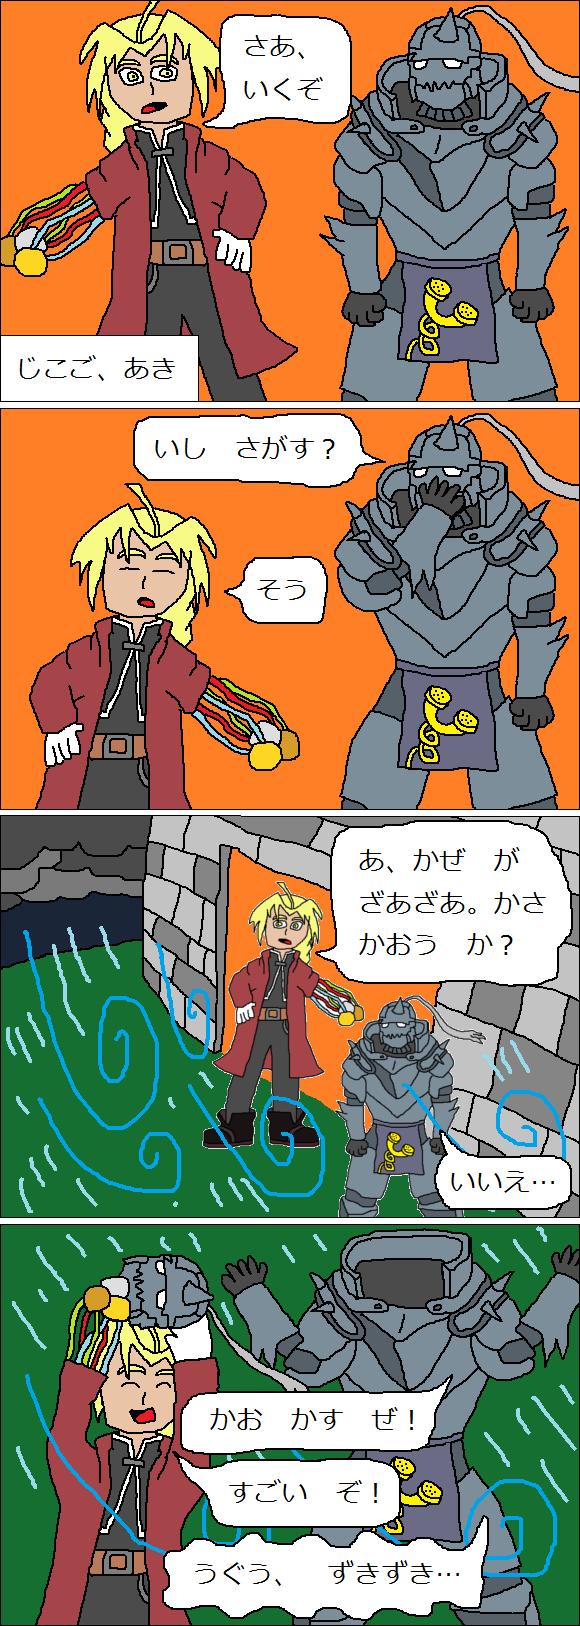 fullmedal alchemist 01